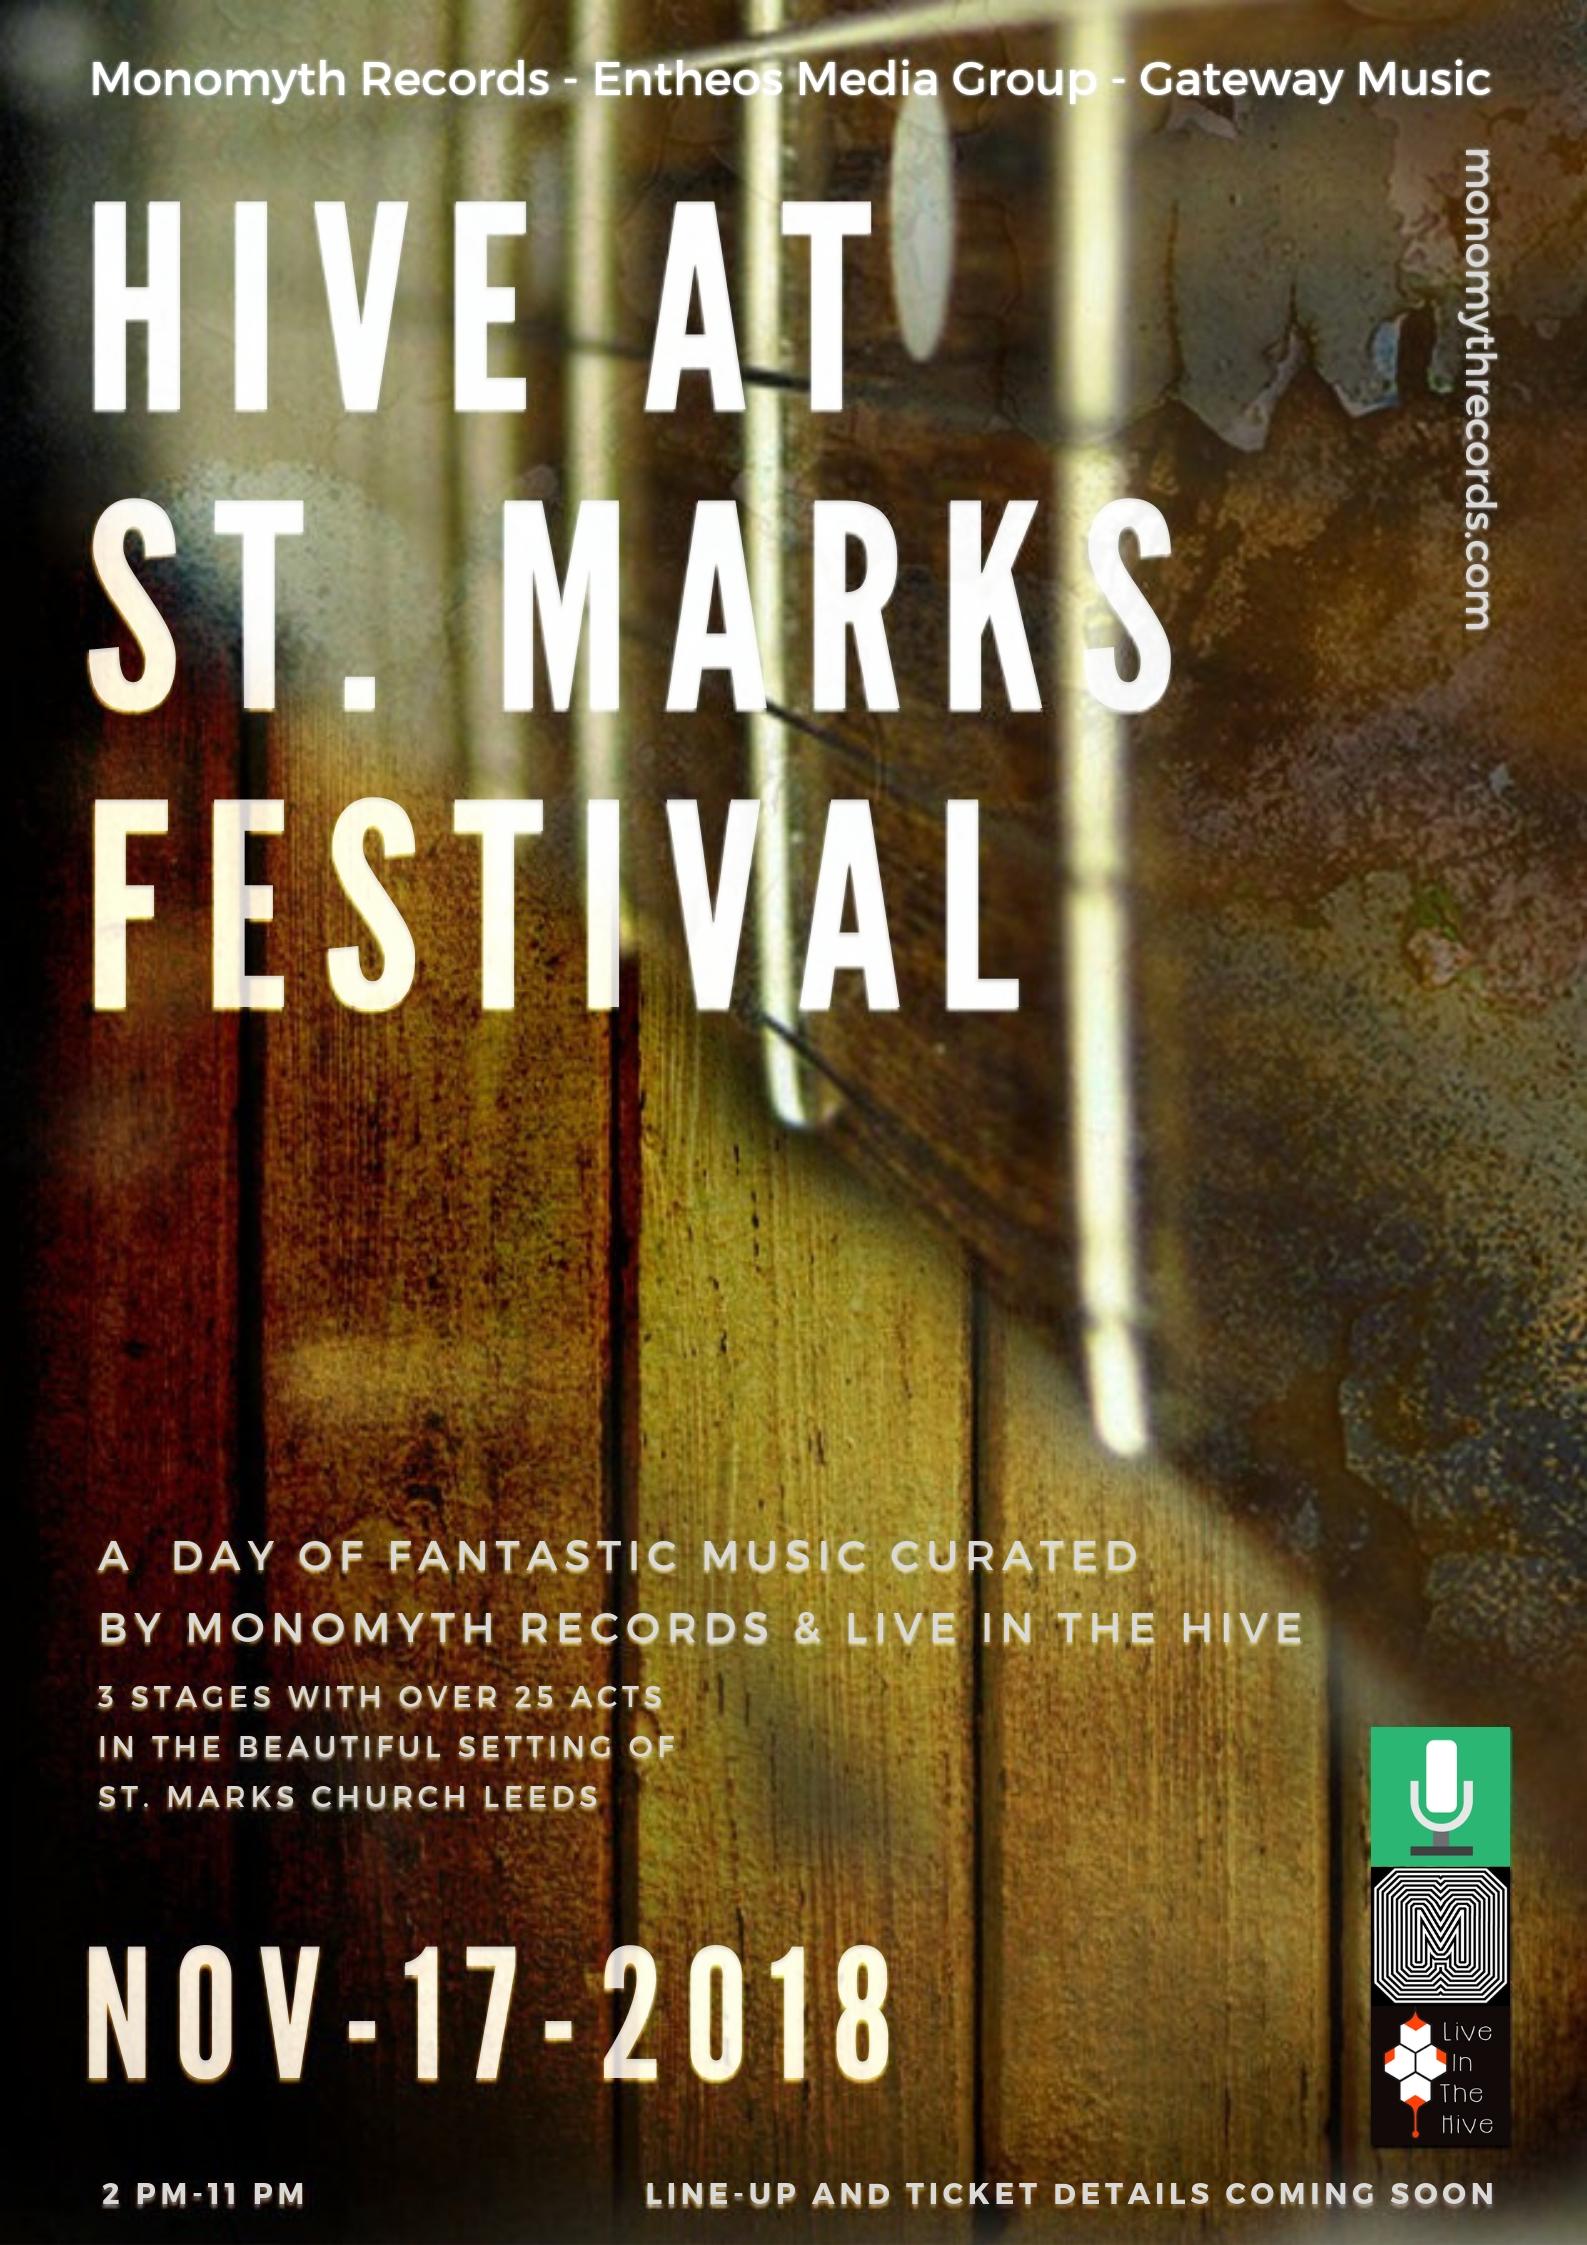 Hive atST. Marksfestival 3 (1)